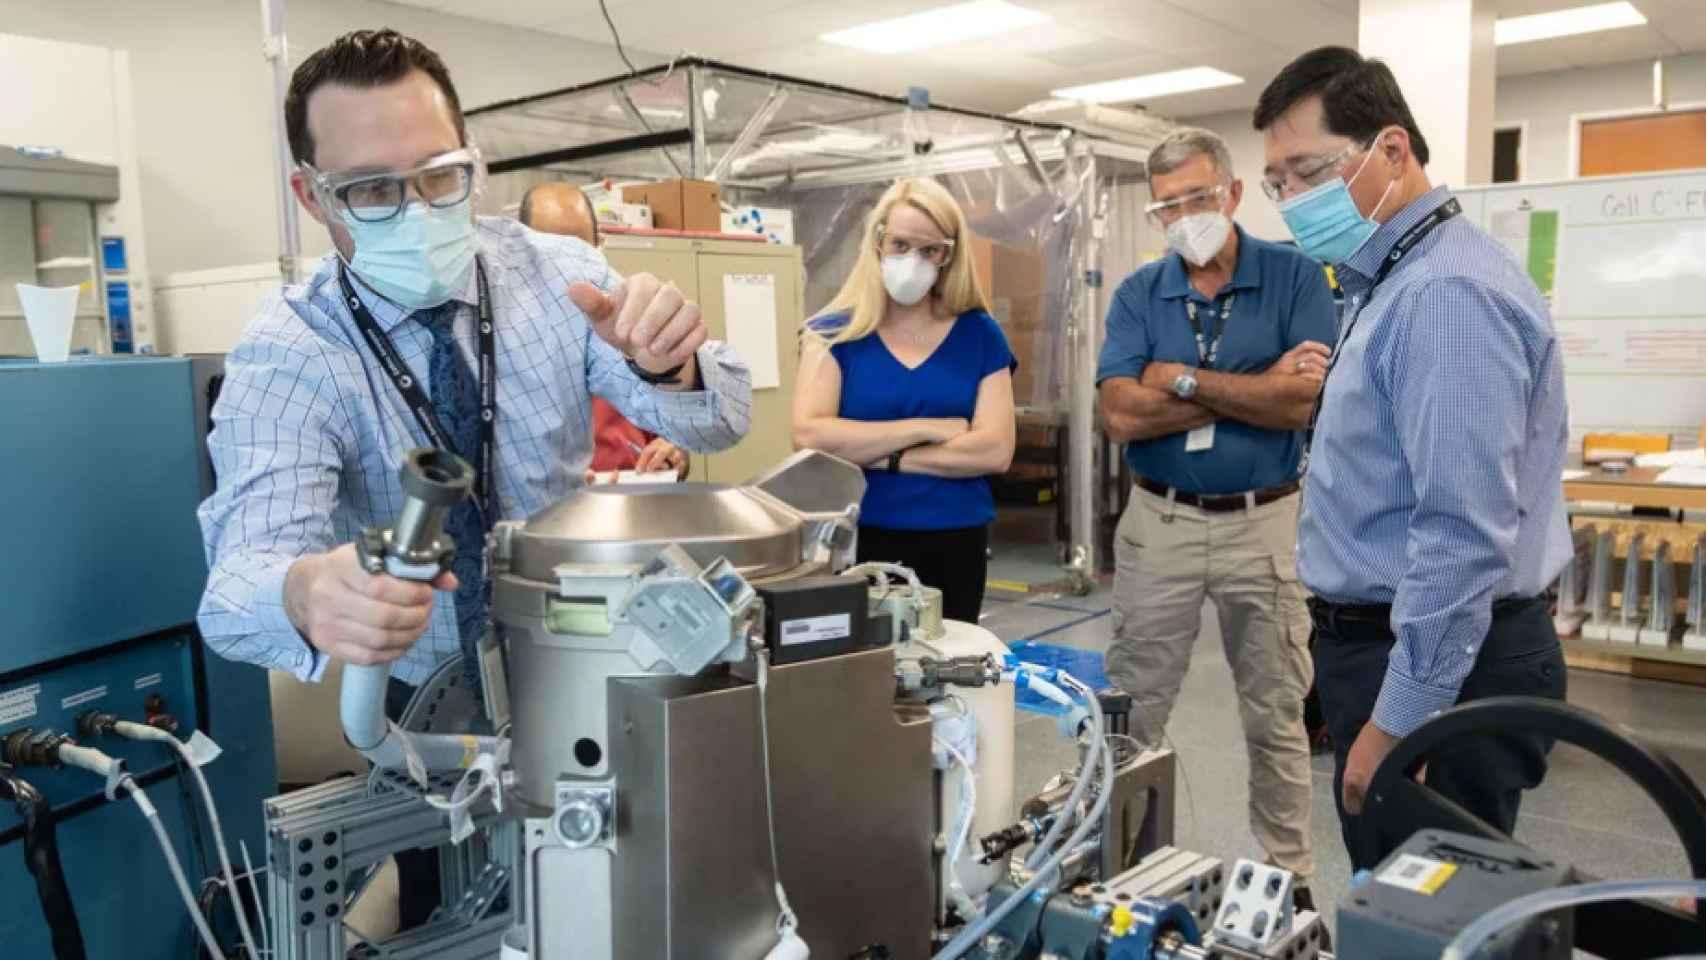 La astronauta de la NASA Kate Rubins supervisa el nuevo retrete de la NASA. Rubins viajará a la EEI en octubre, después de que llegue el inodoro.